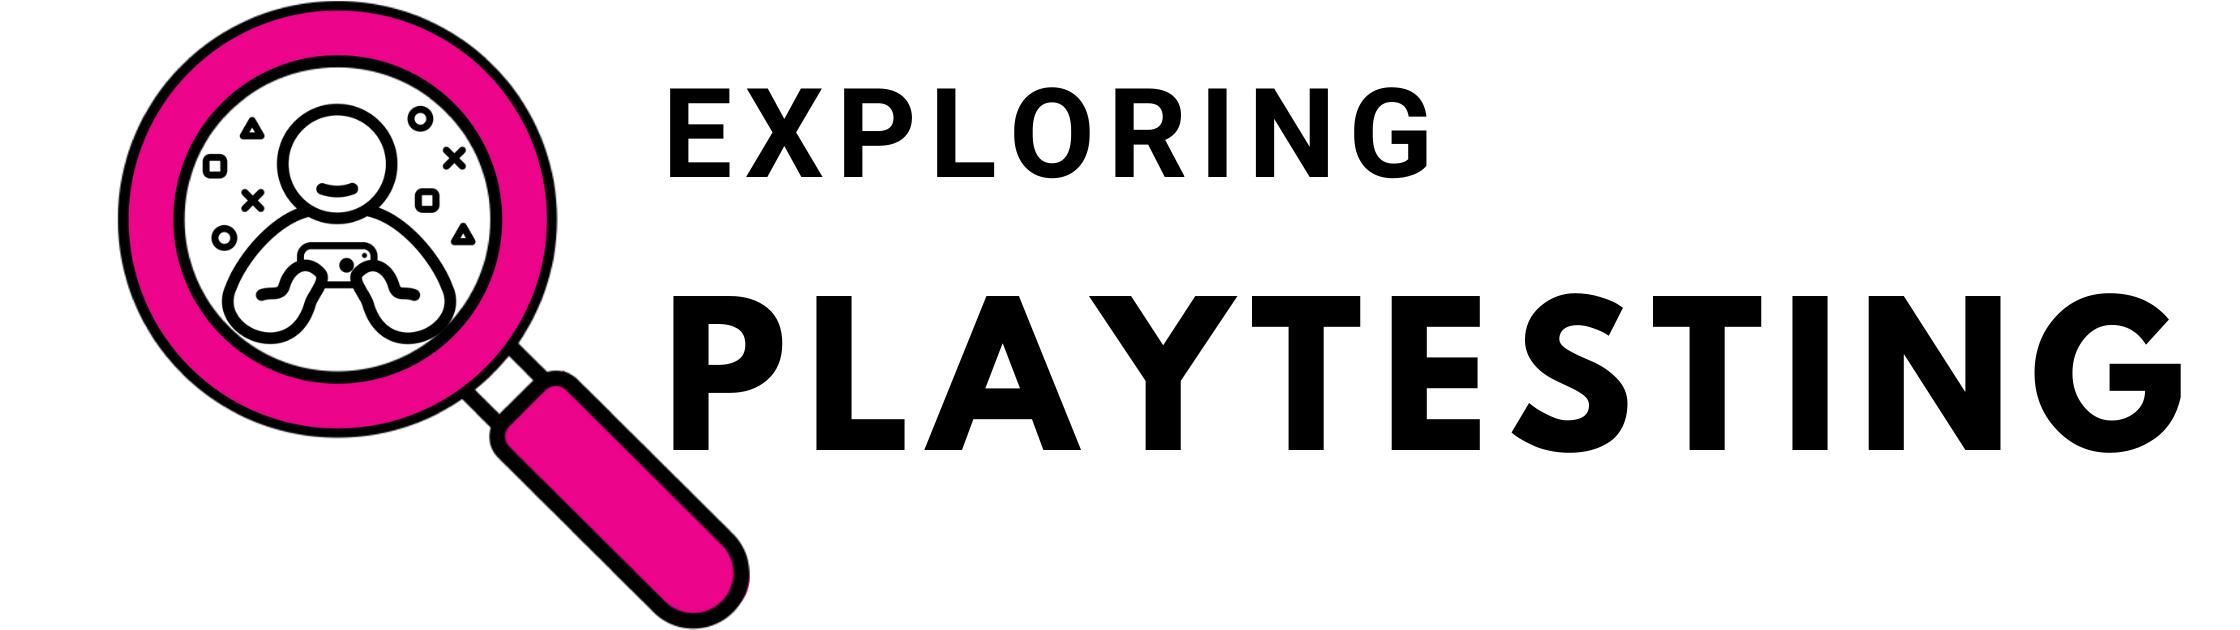 Exploring playtesting